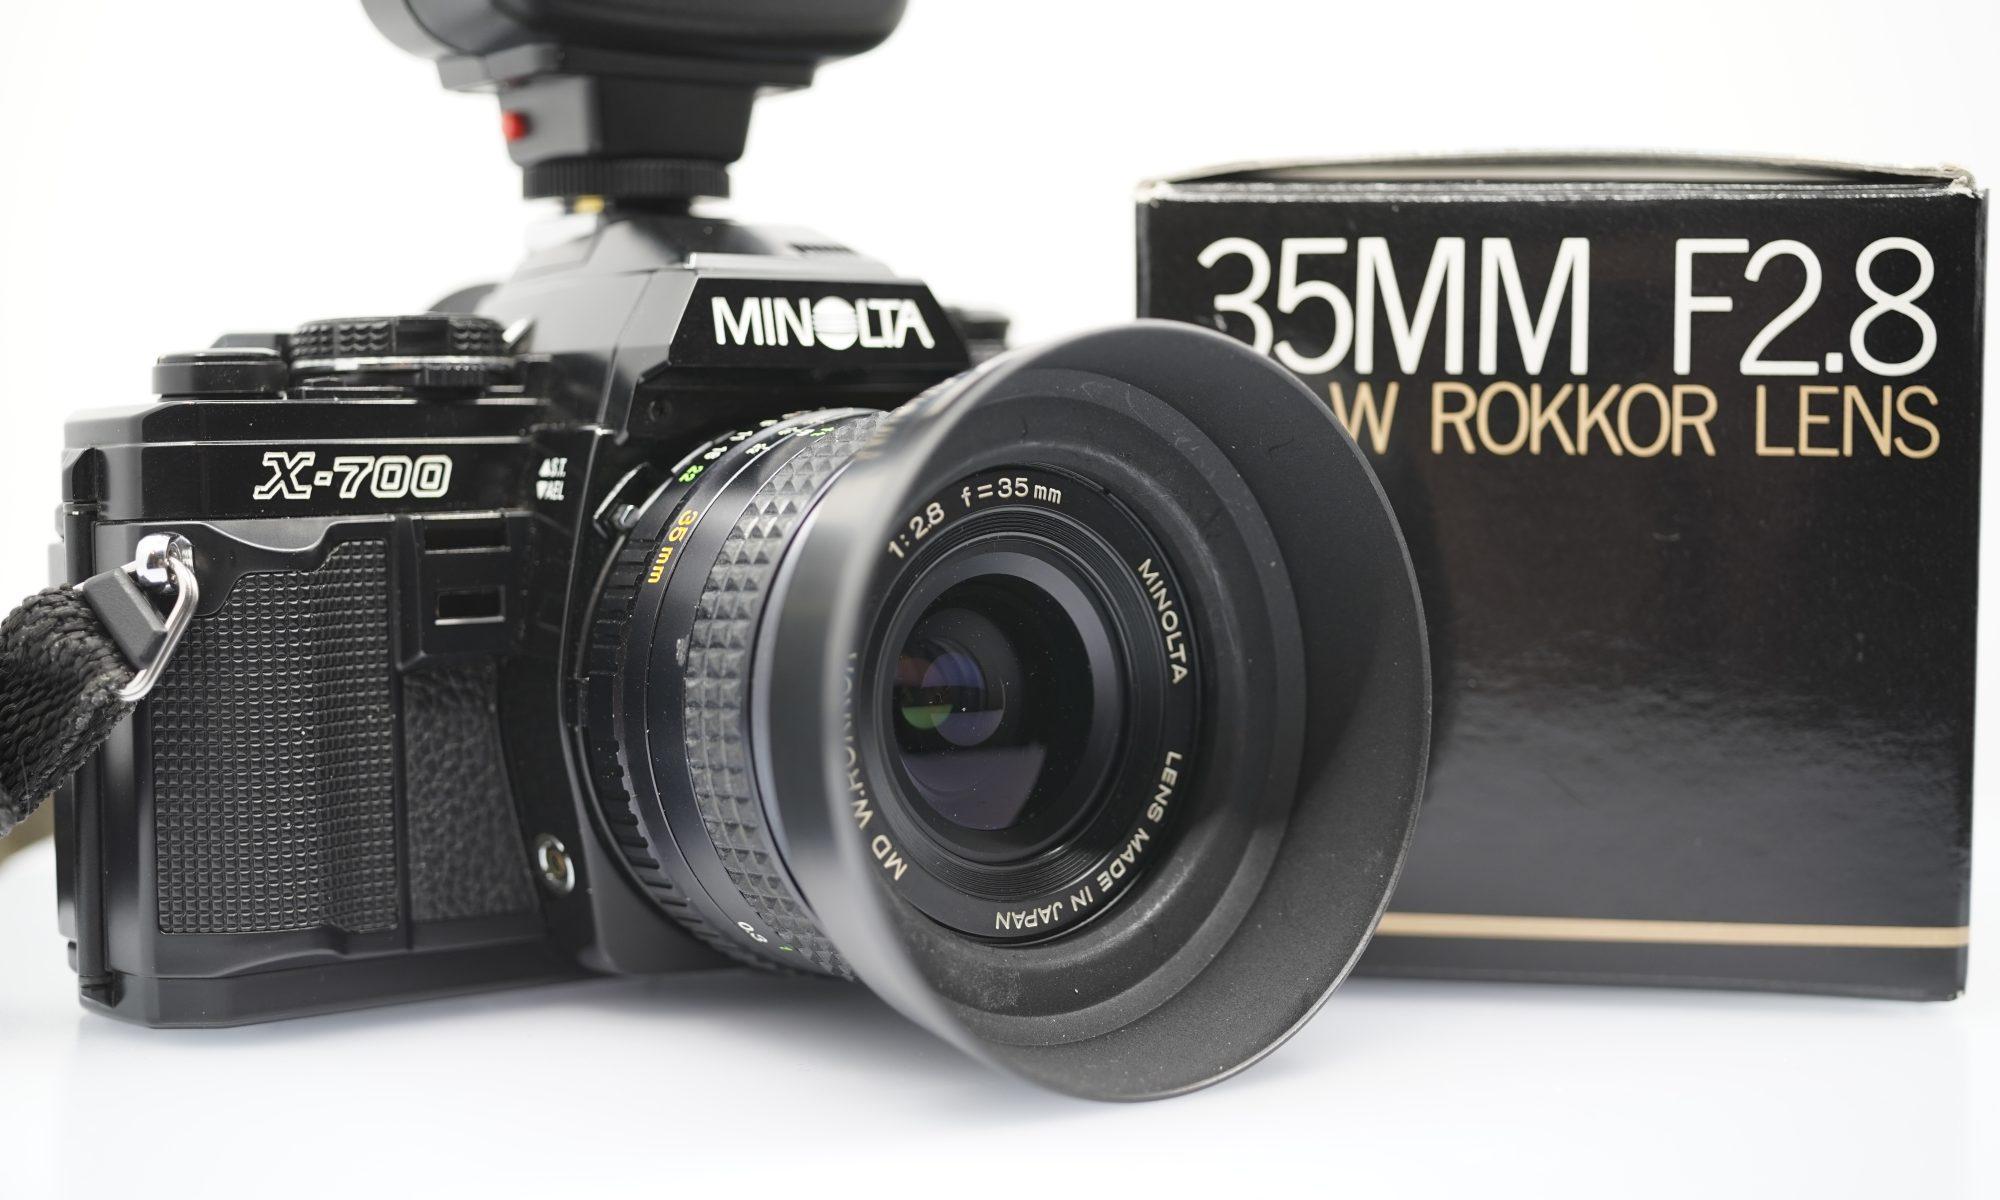 Minolta Rokkor 35 mm 2.8